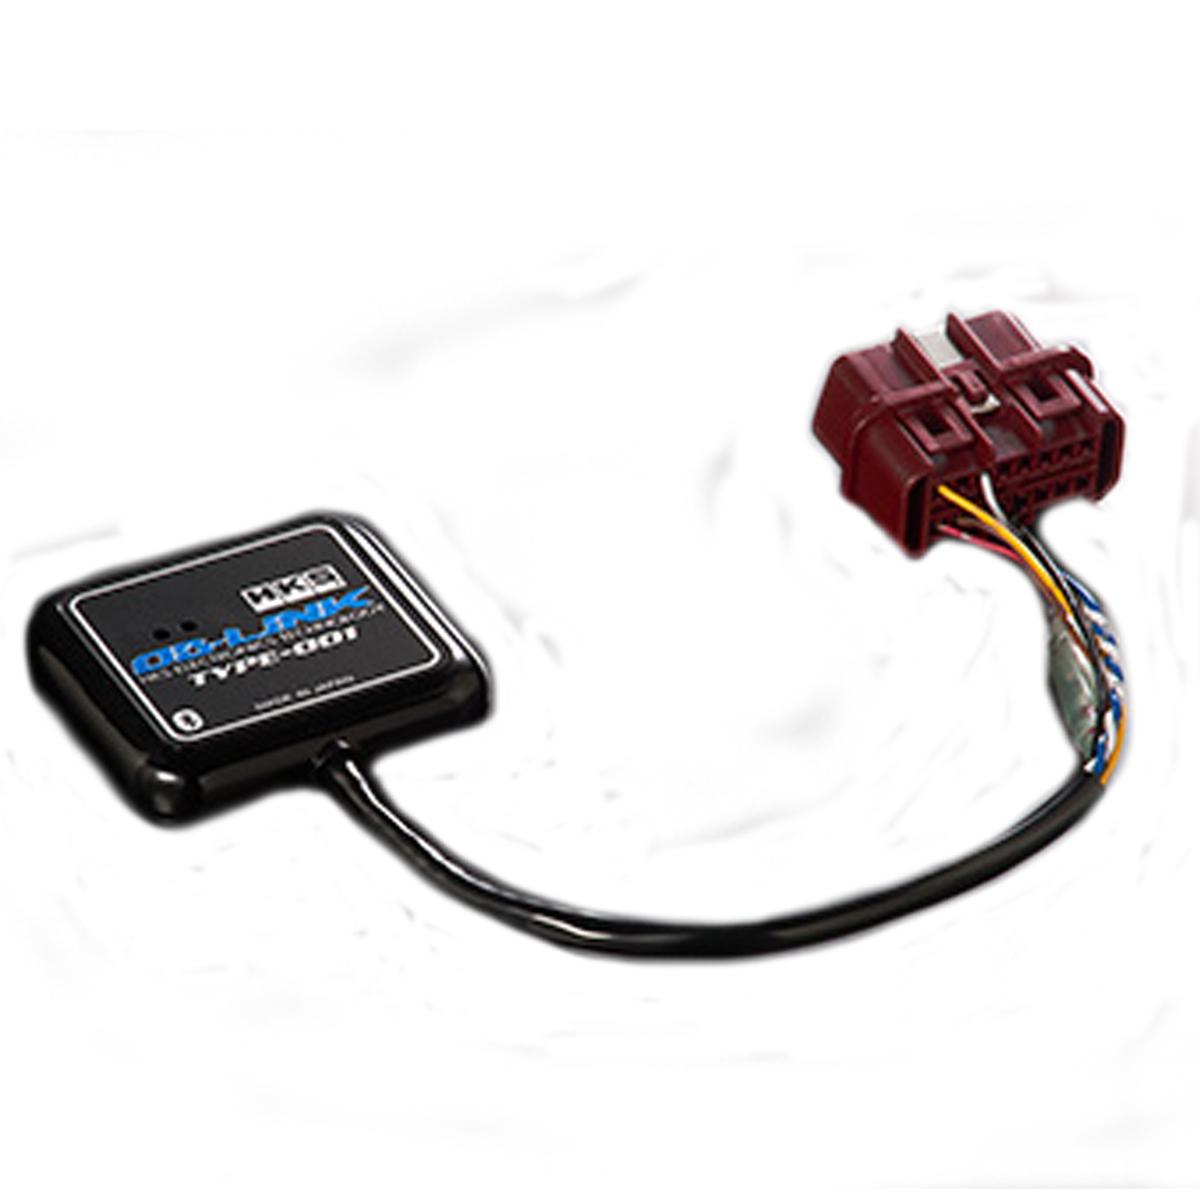 スイフト モニター ZC32S OBリンク タイプ タイプ 001 ZC32S モニター HKS 44009-AK002 エレクトリニクス, グッドライブ:82115380 --- sunward.msk.ru